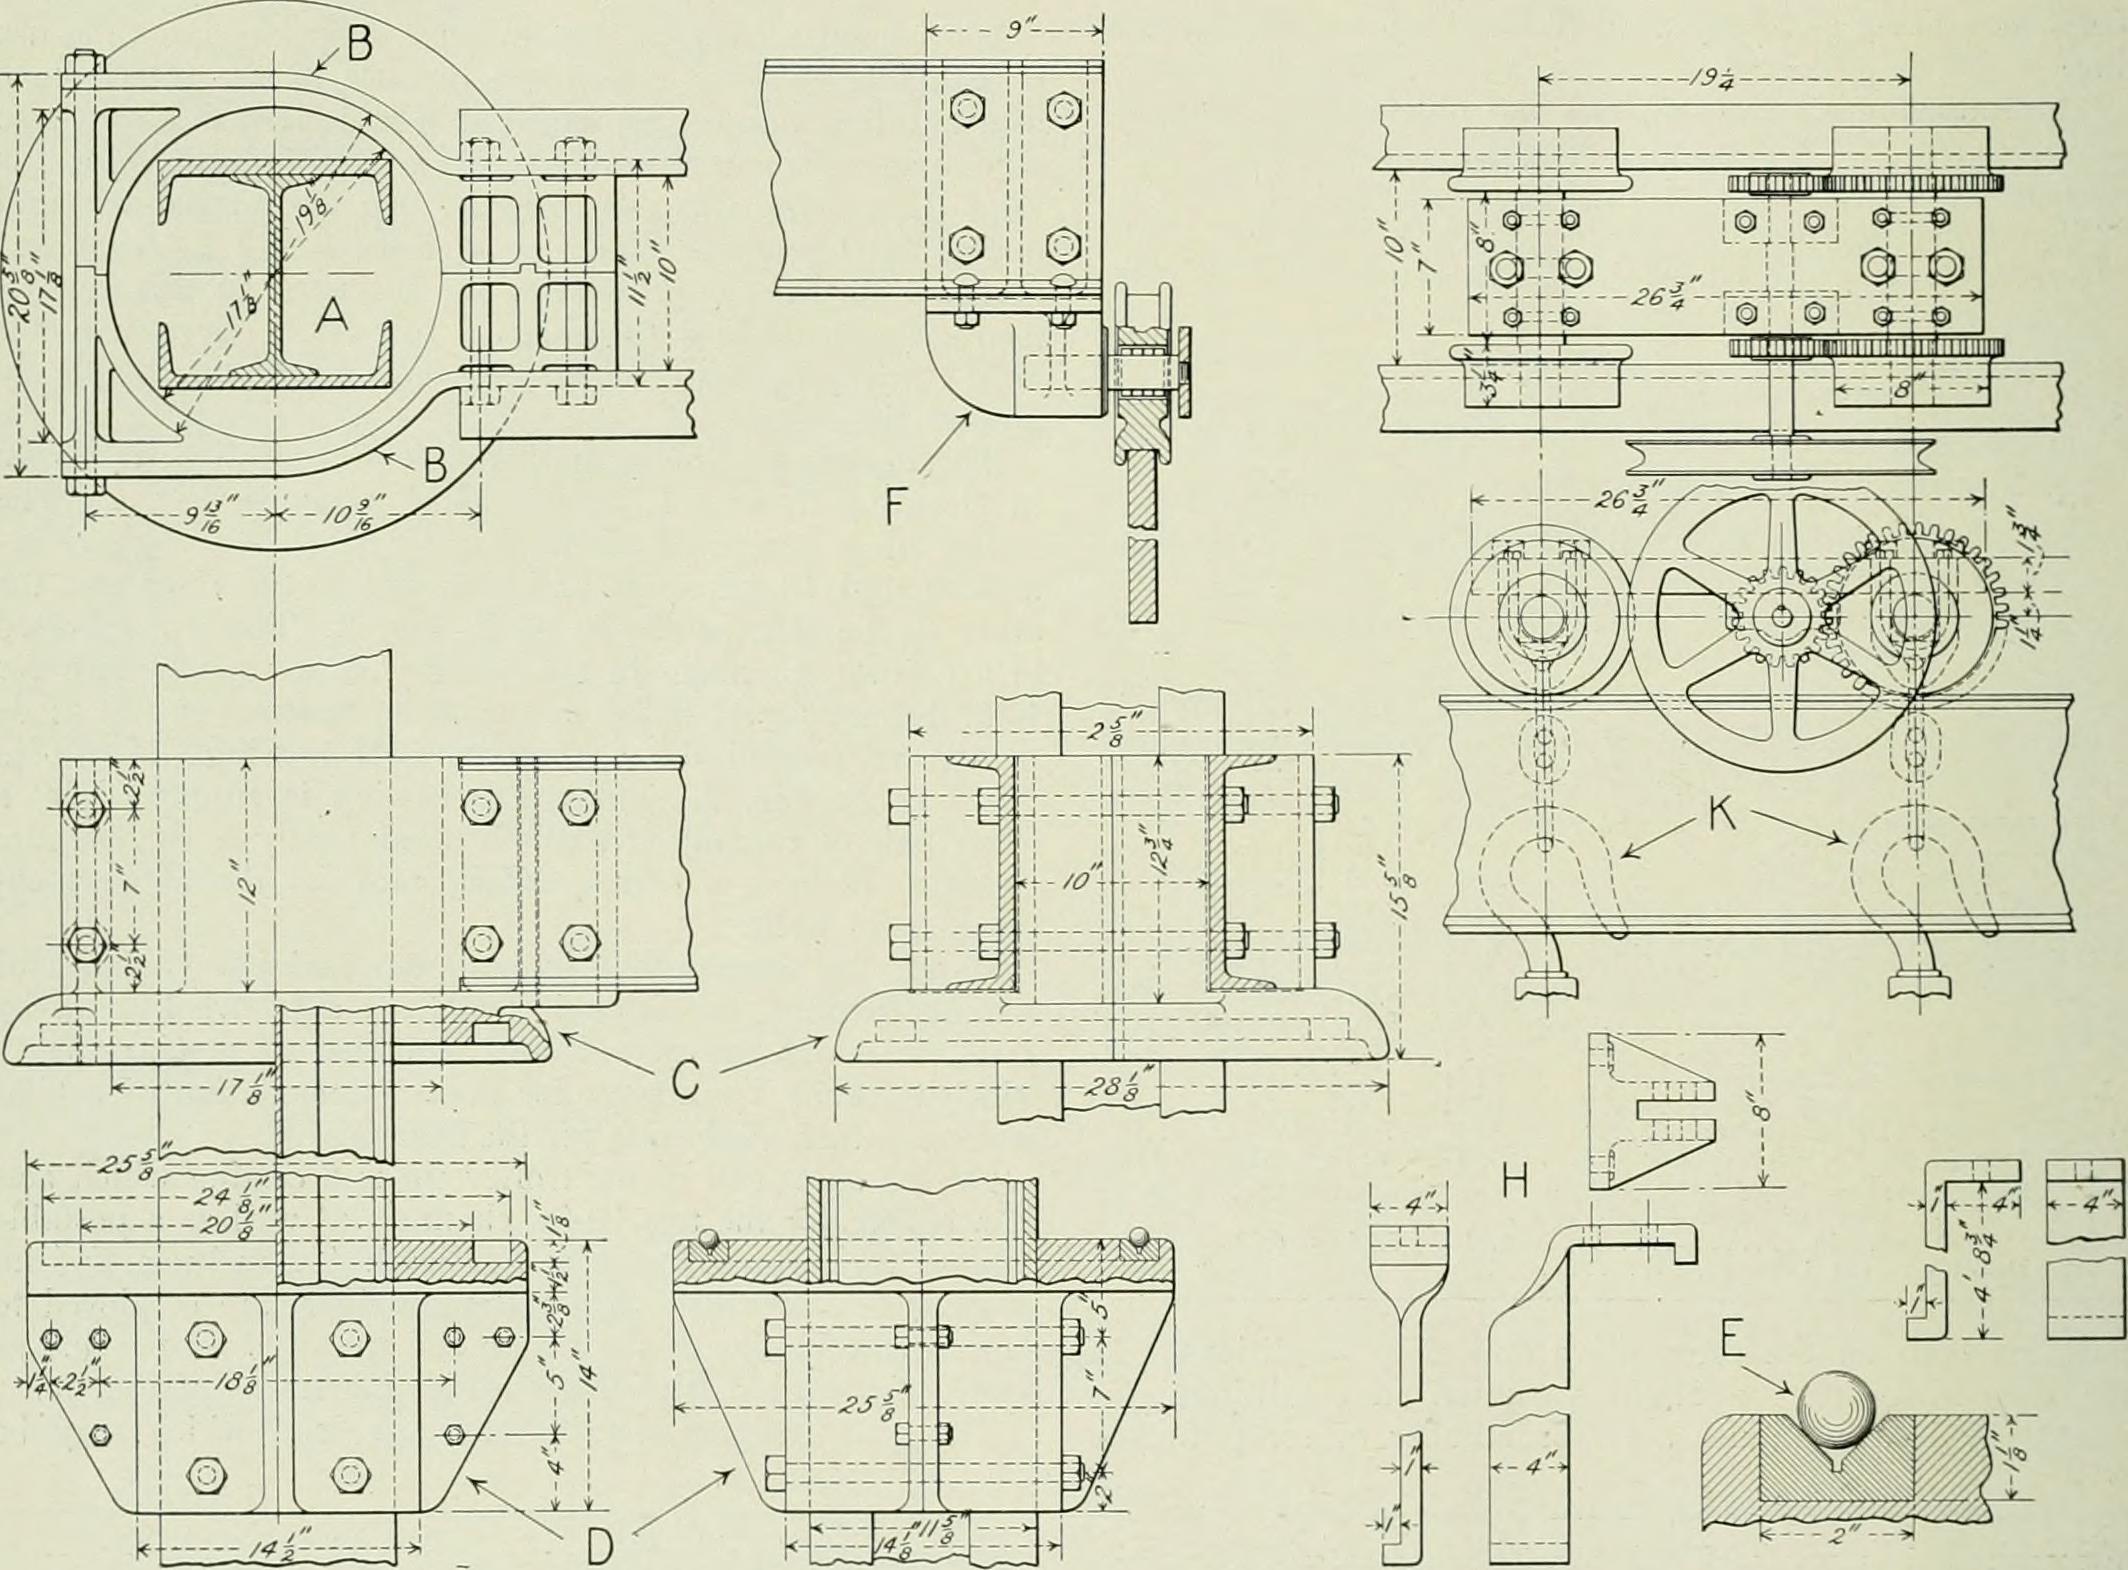 Mechanical Engineering Diagrams File Railway Mechanical Engineer ...